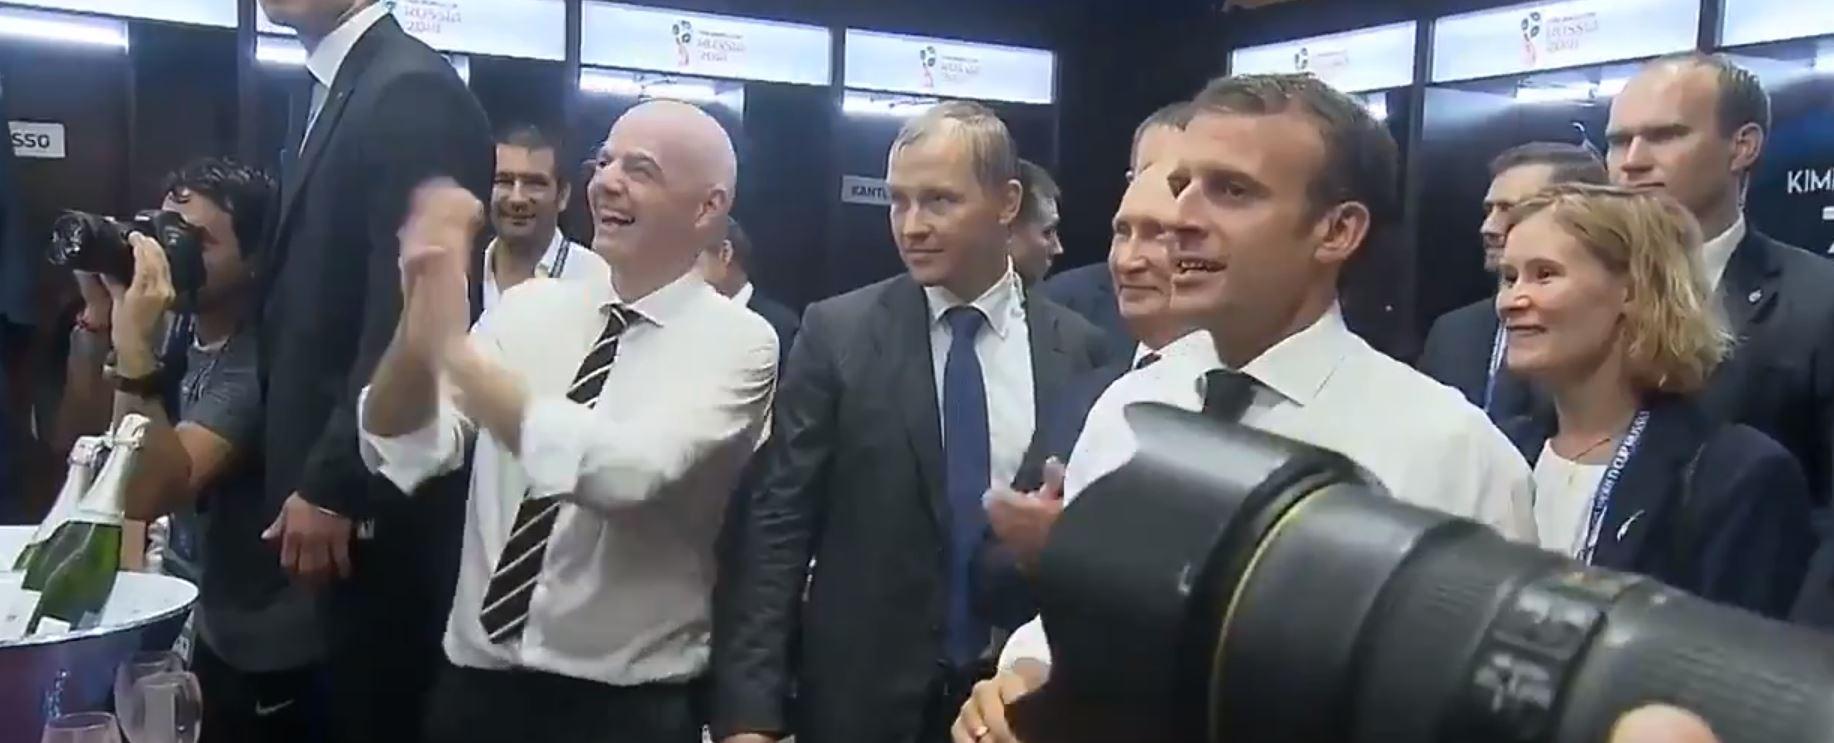 Футболисты сборной Франции посвятили Путину кричалку